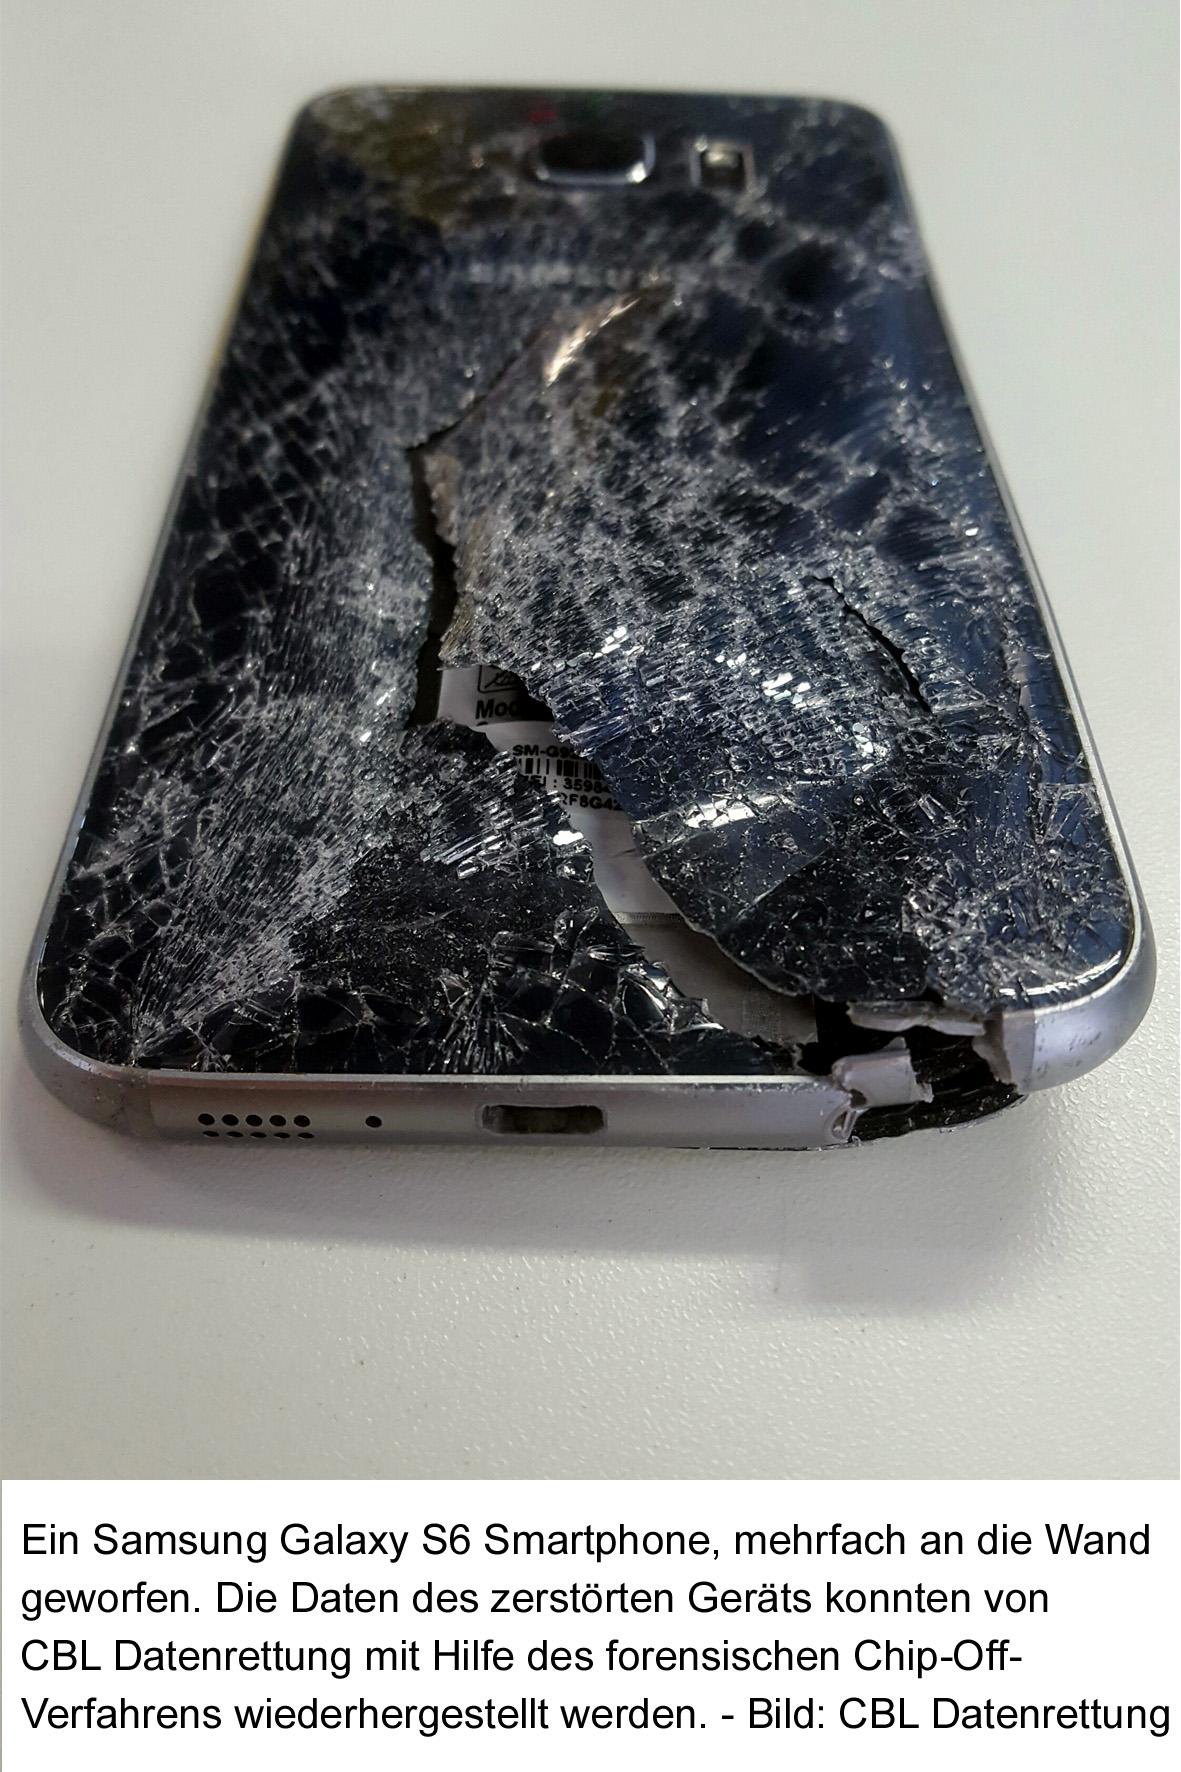 Ein Samsung Galaxy S6 Smartphone, mehrfach an die Wand geworfen. Die Daten des zerstörten Geräts konnten von CBL Datenrettung mit Hilfe des forensischen Chip-Off-Verfahrens wiederhergestellt werden. Bild: CBL Datenrettung